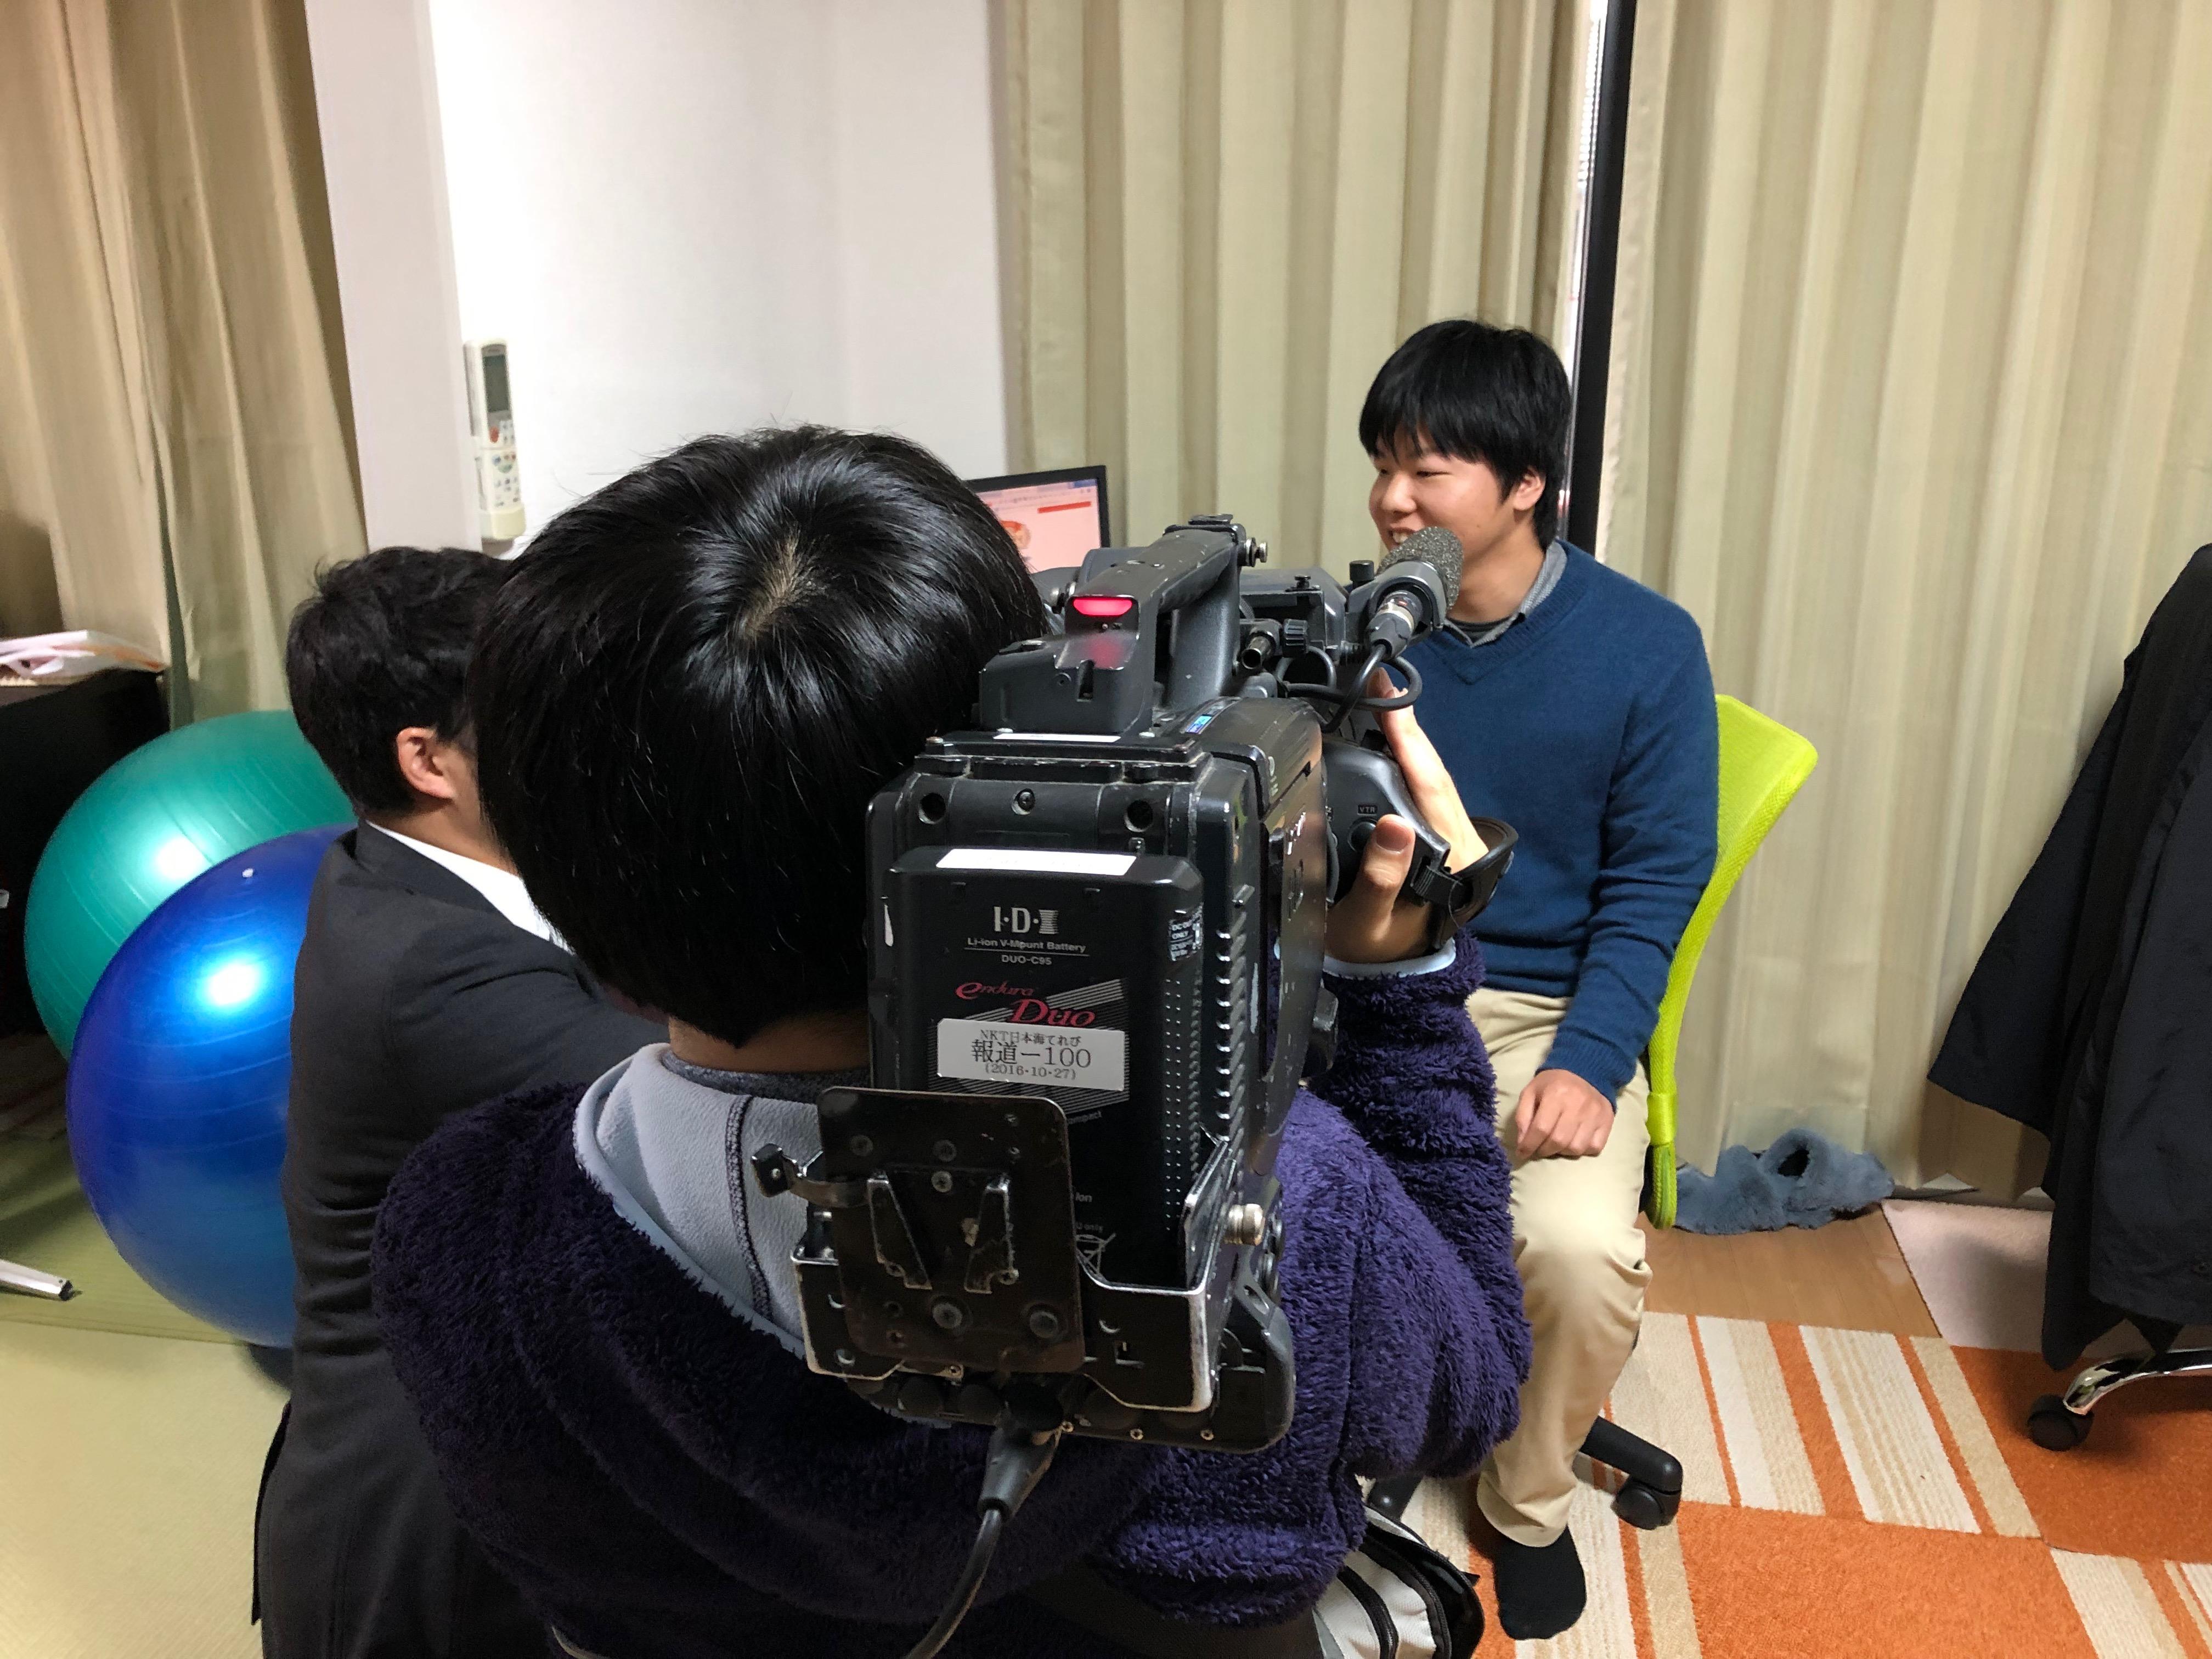 日本海テレビでとっとりずむが紹介されました!